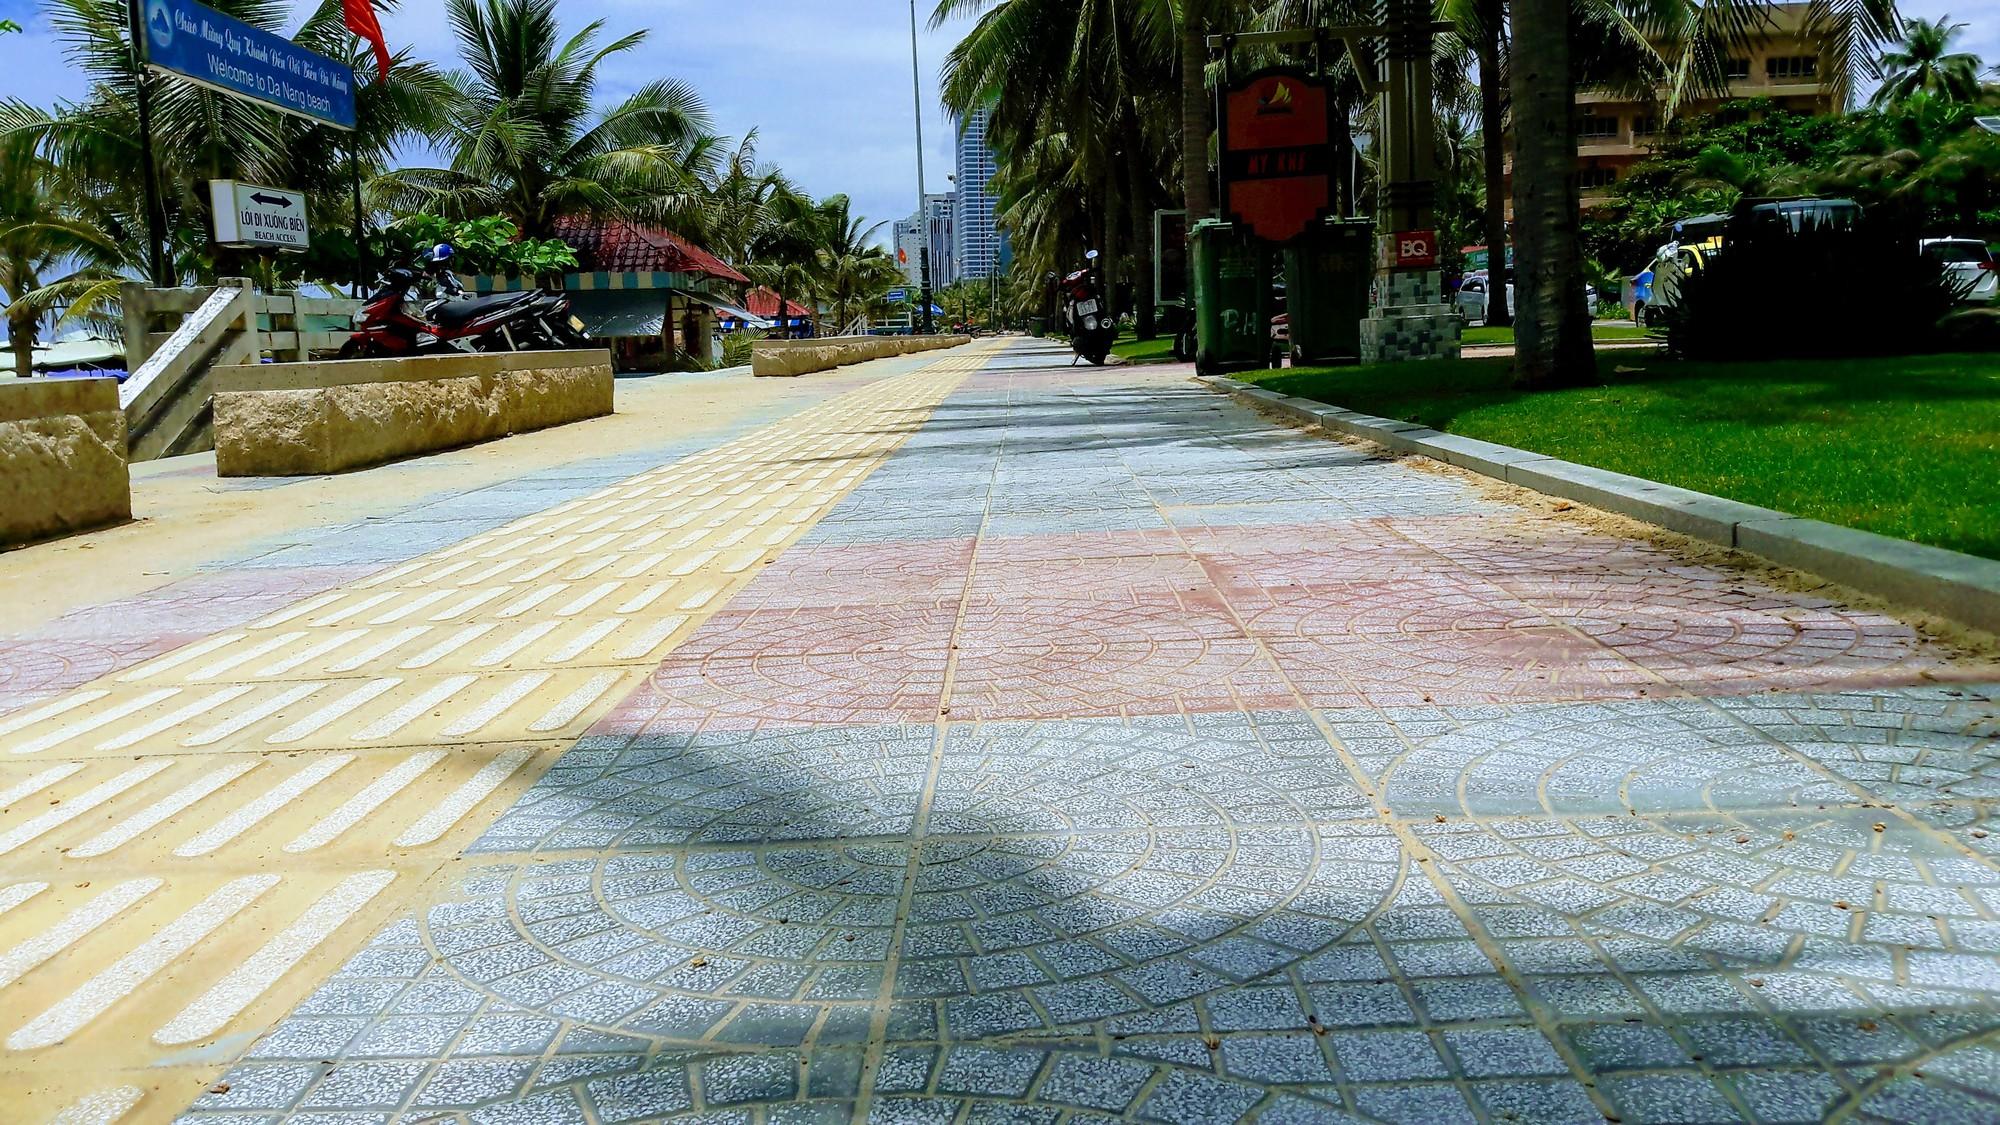 Vỉa hè biển Mỹ Khê Đà Nẵng lát mới, sạch đẹp sau phản ánh vỡ nát, mất mĩ quan - Ảnh 3.